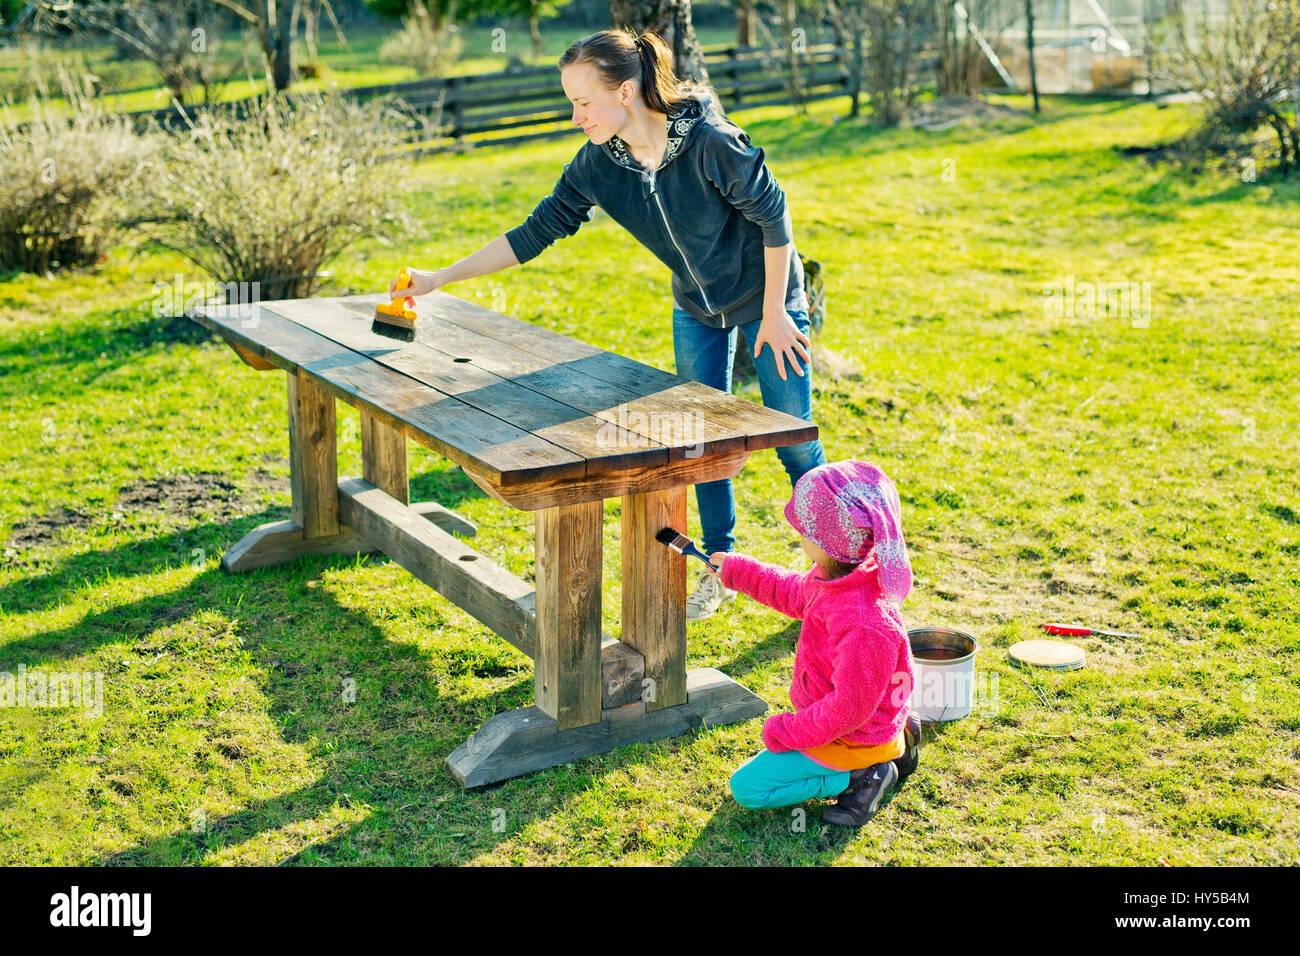 Finlandia, paijat-hame, Heinola, madre e figlia (4-5) lubrificando tavolo di legno in giardino Immagini Stock